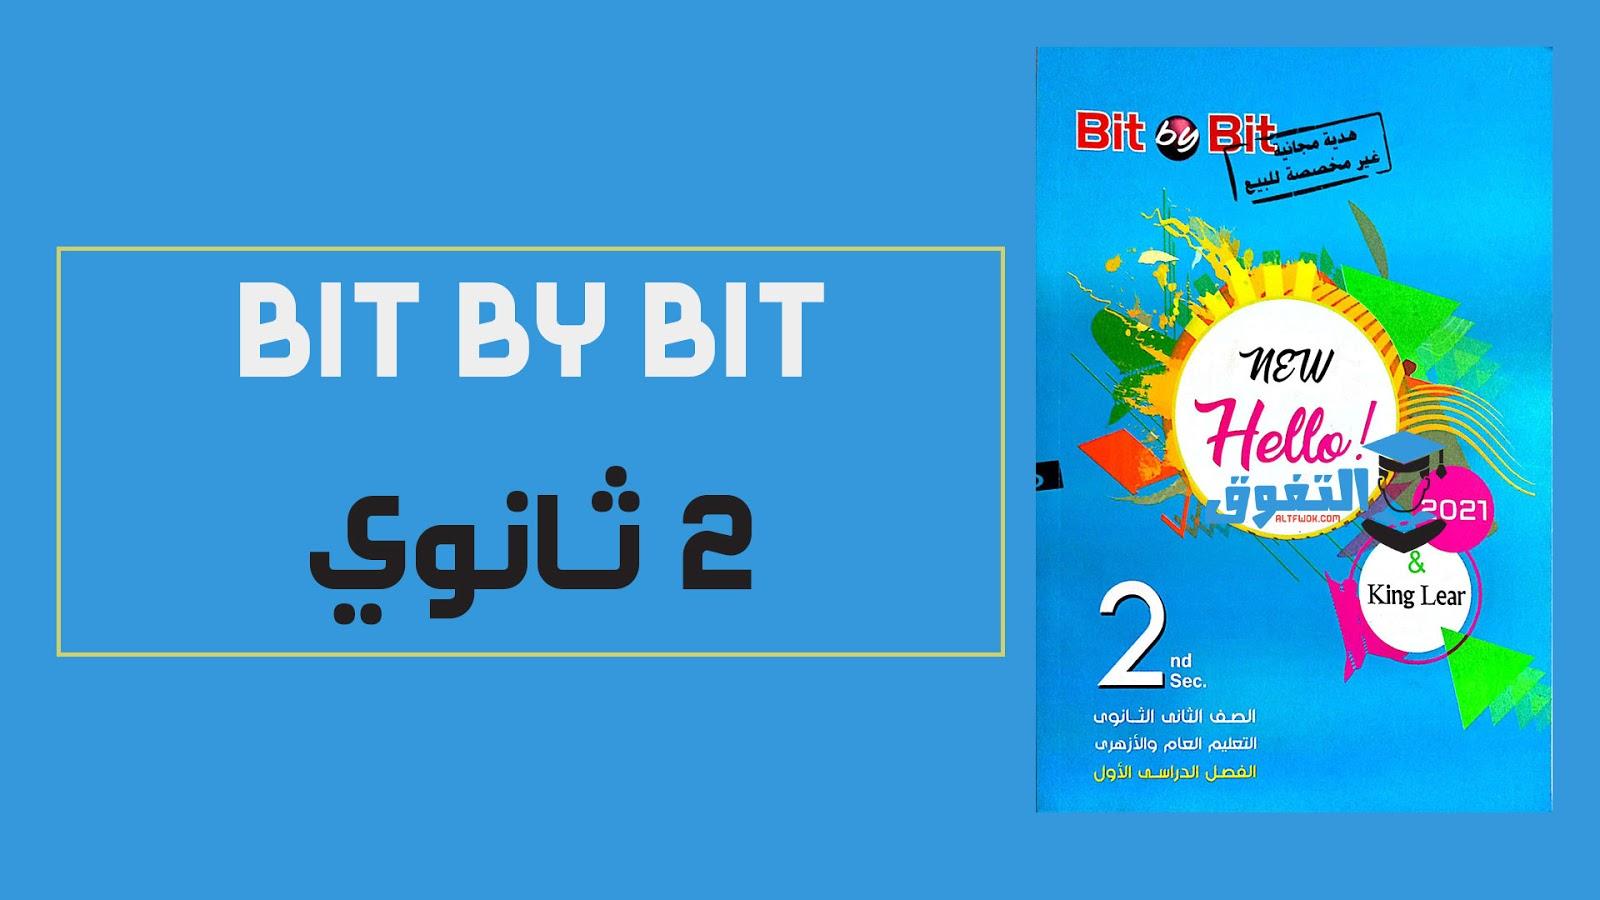 تحميل كتاب بت باى بت Bit by Bit لغة انجليزية للصف الثانى الثانوى الترم الاول 2021 (النسخة الجديدة )